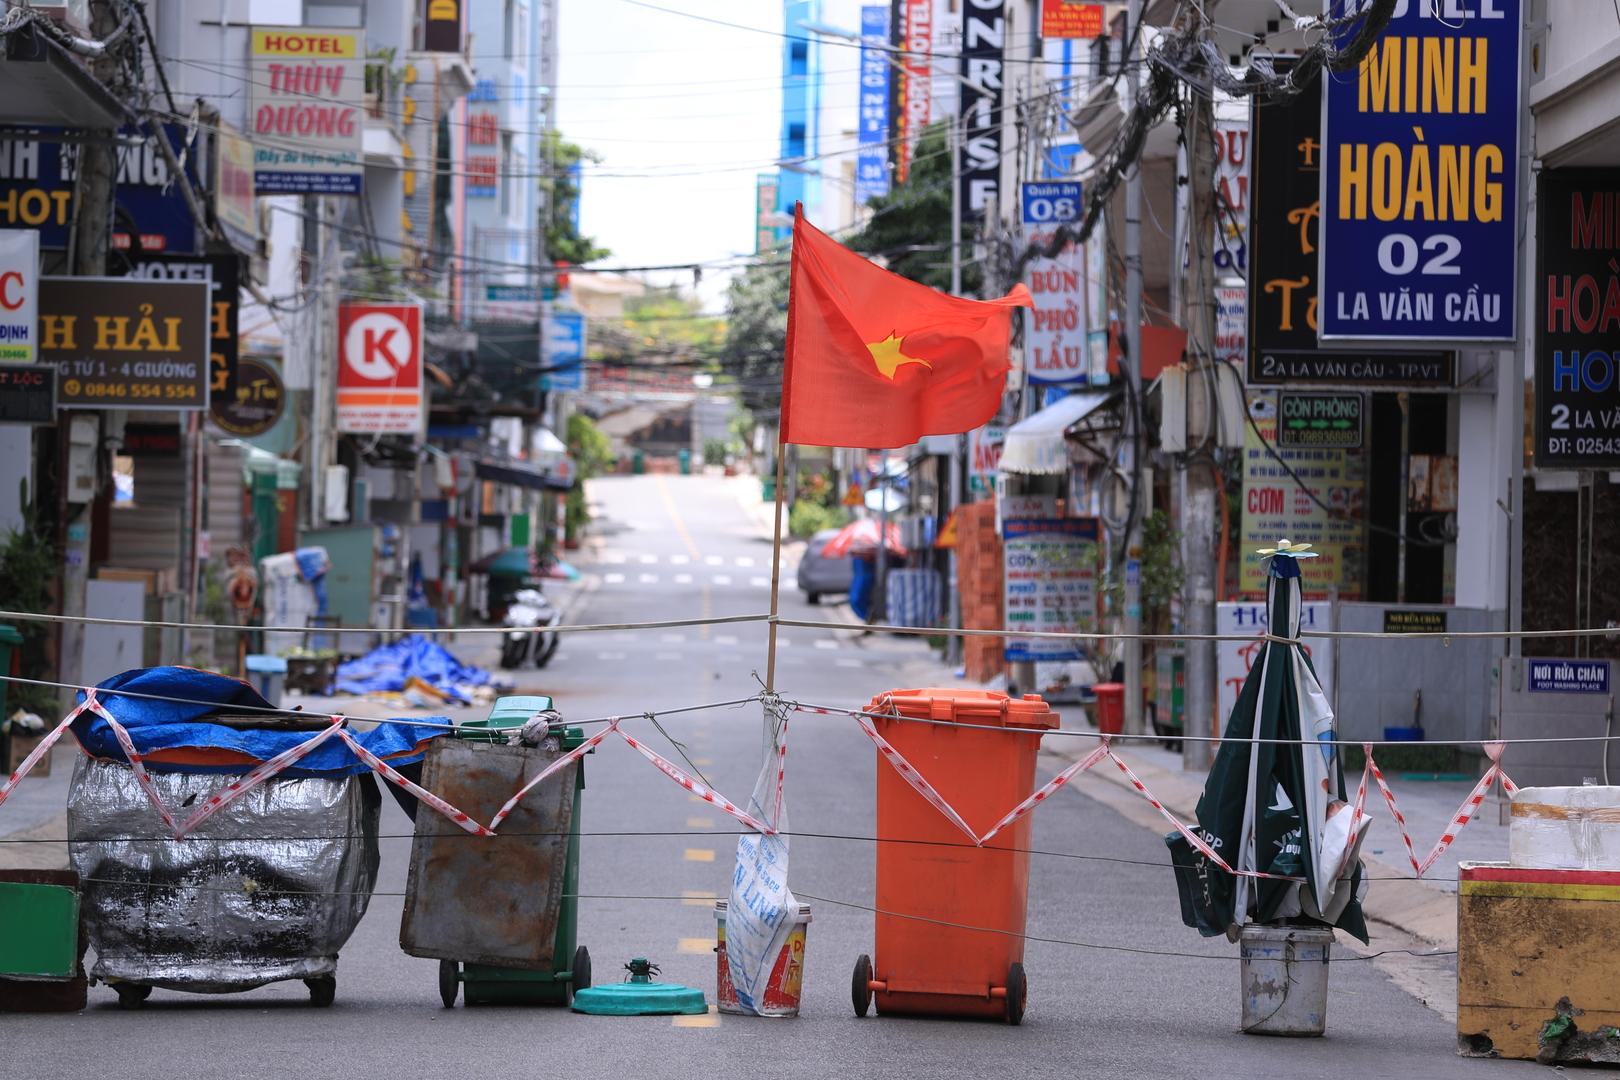 إغلاق صحي في مدينة فيتنامية